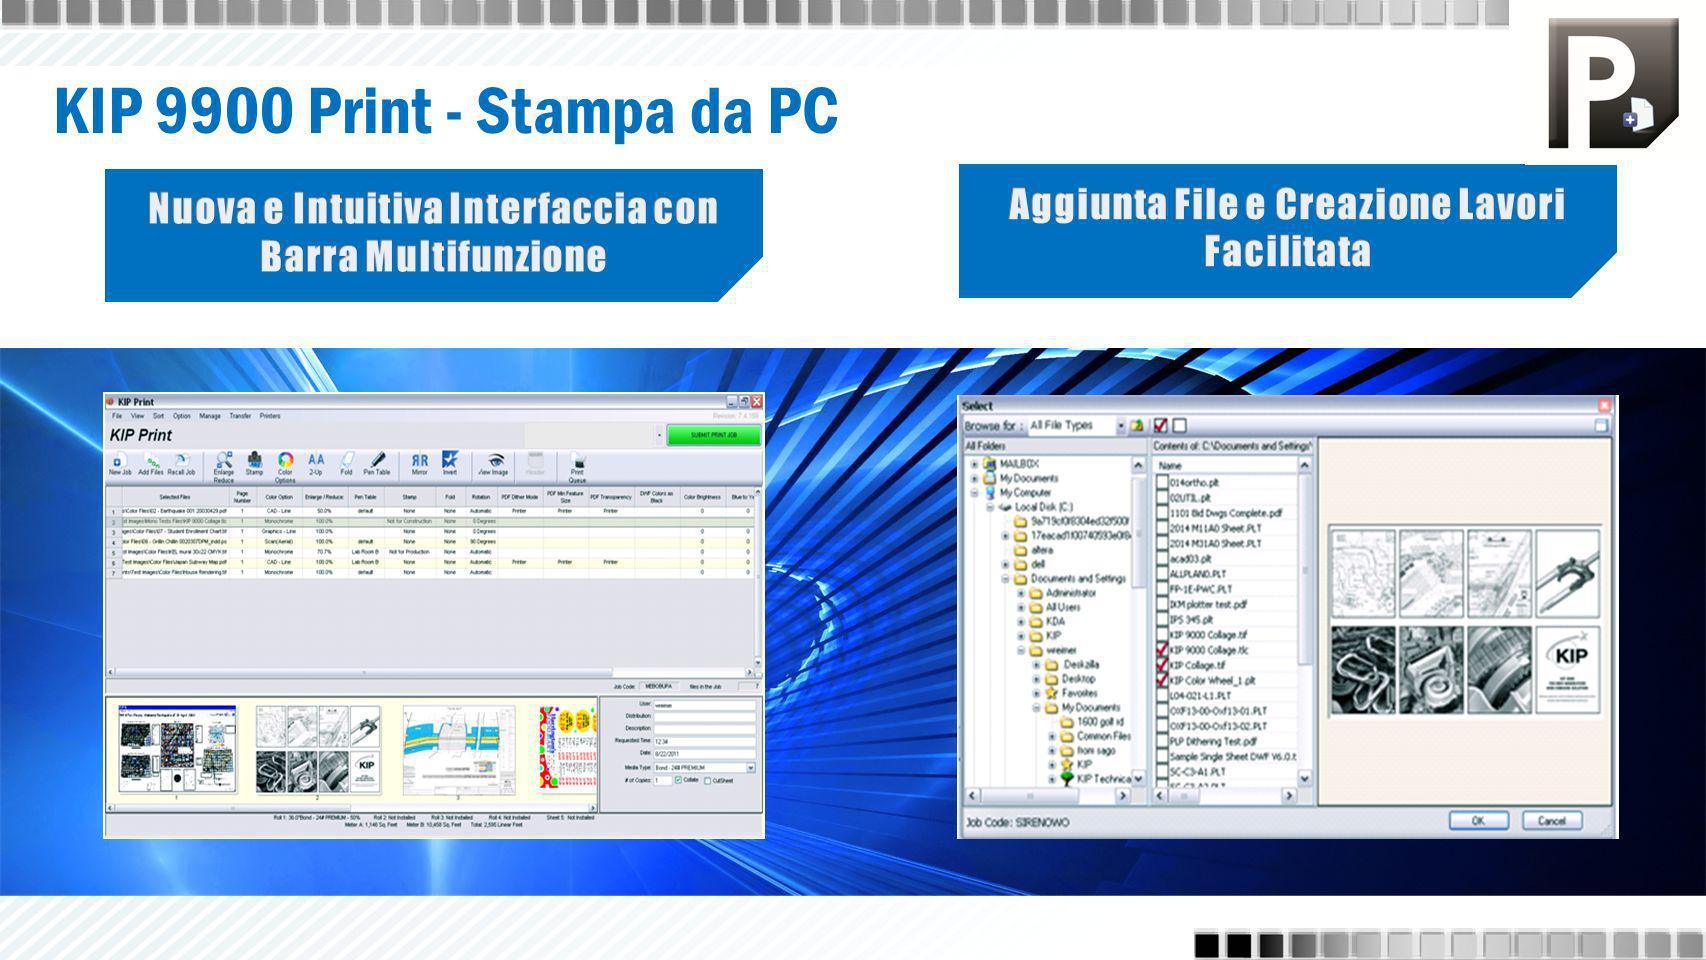 Interfaccia con barra multifunzione in stile Windows 7 Anteprima immagini a colori e in B/N Programmazione lavori di stampa per data e ora Ingrandimento / riduzione 5% – 3600% Visualizzazione, scorrimento e zoom del file in una sola schermata Funzione timbro immagine per unire due file